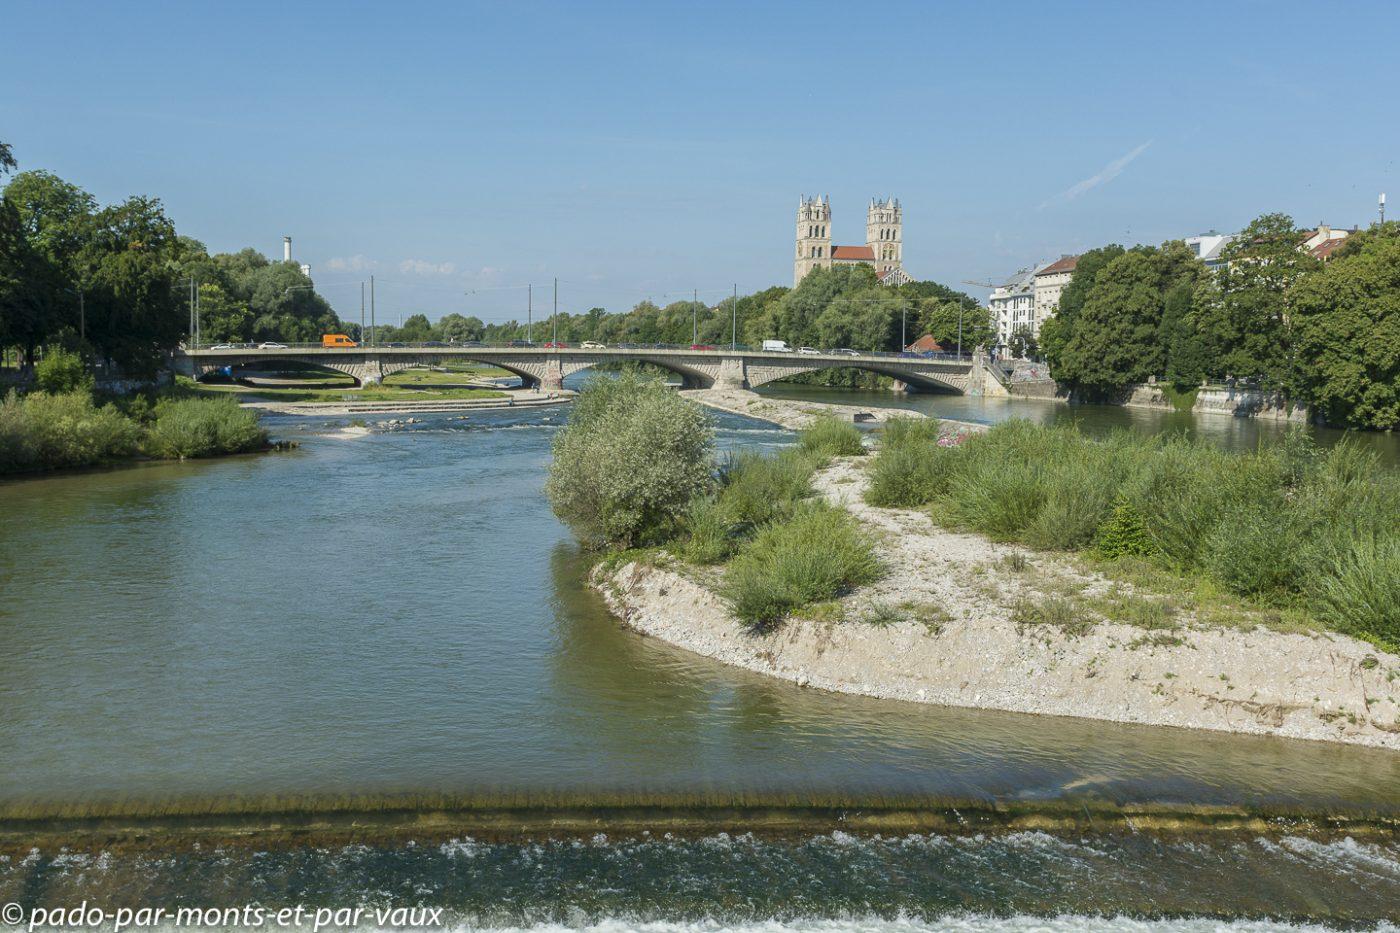 Munich - rivière Isar